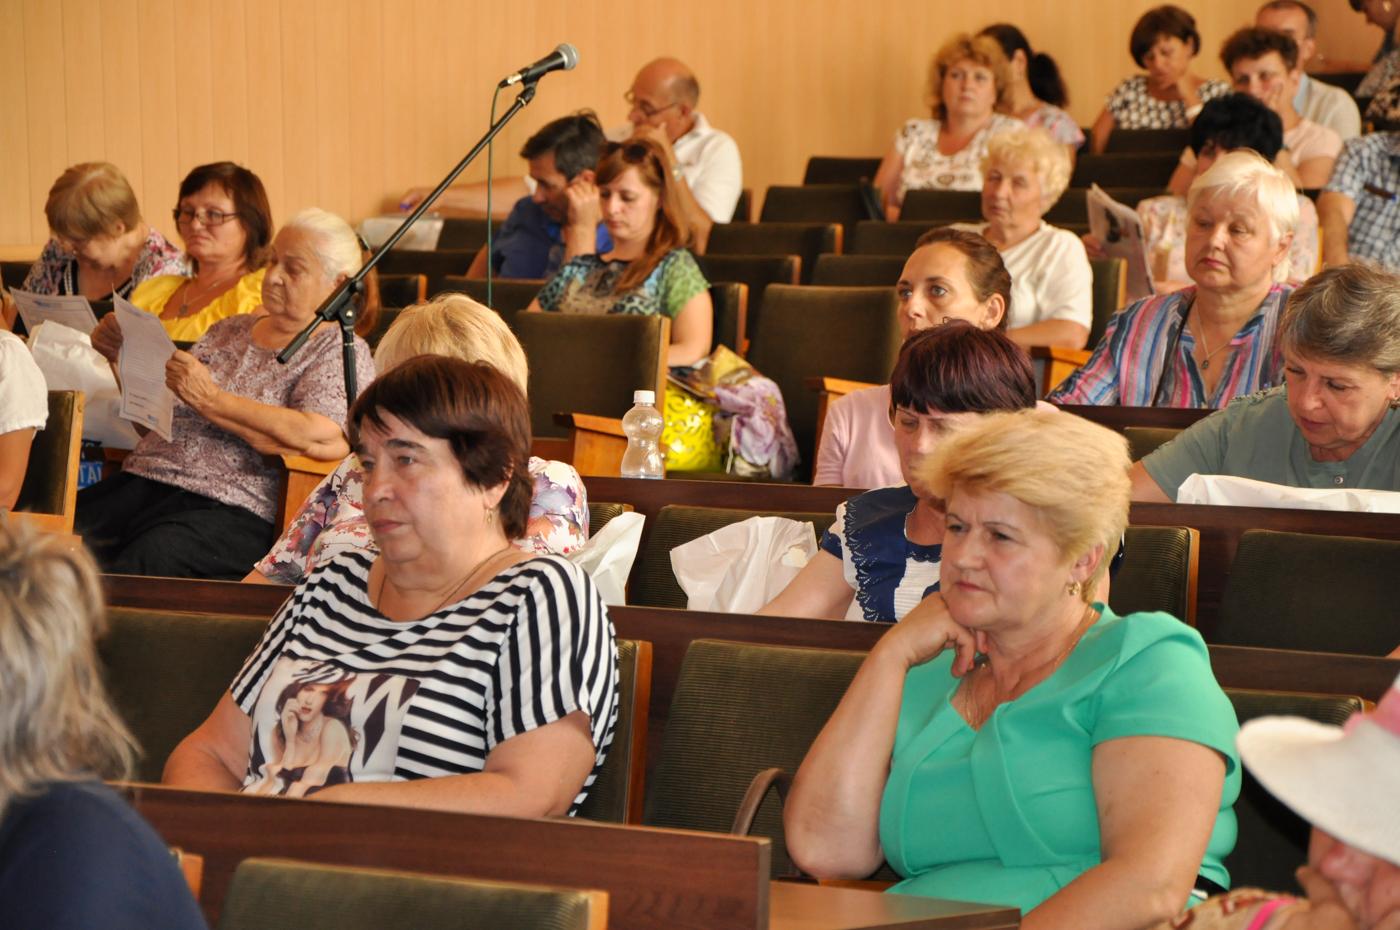 Встреча с представителями органов самоорганизации населения прошла в Стаханове 3